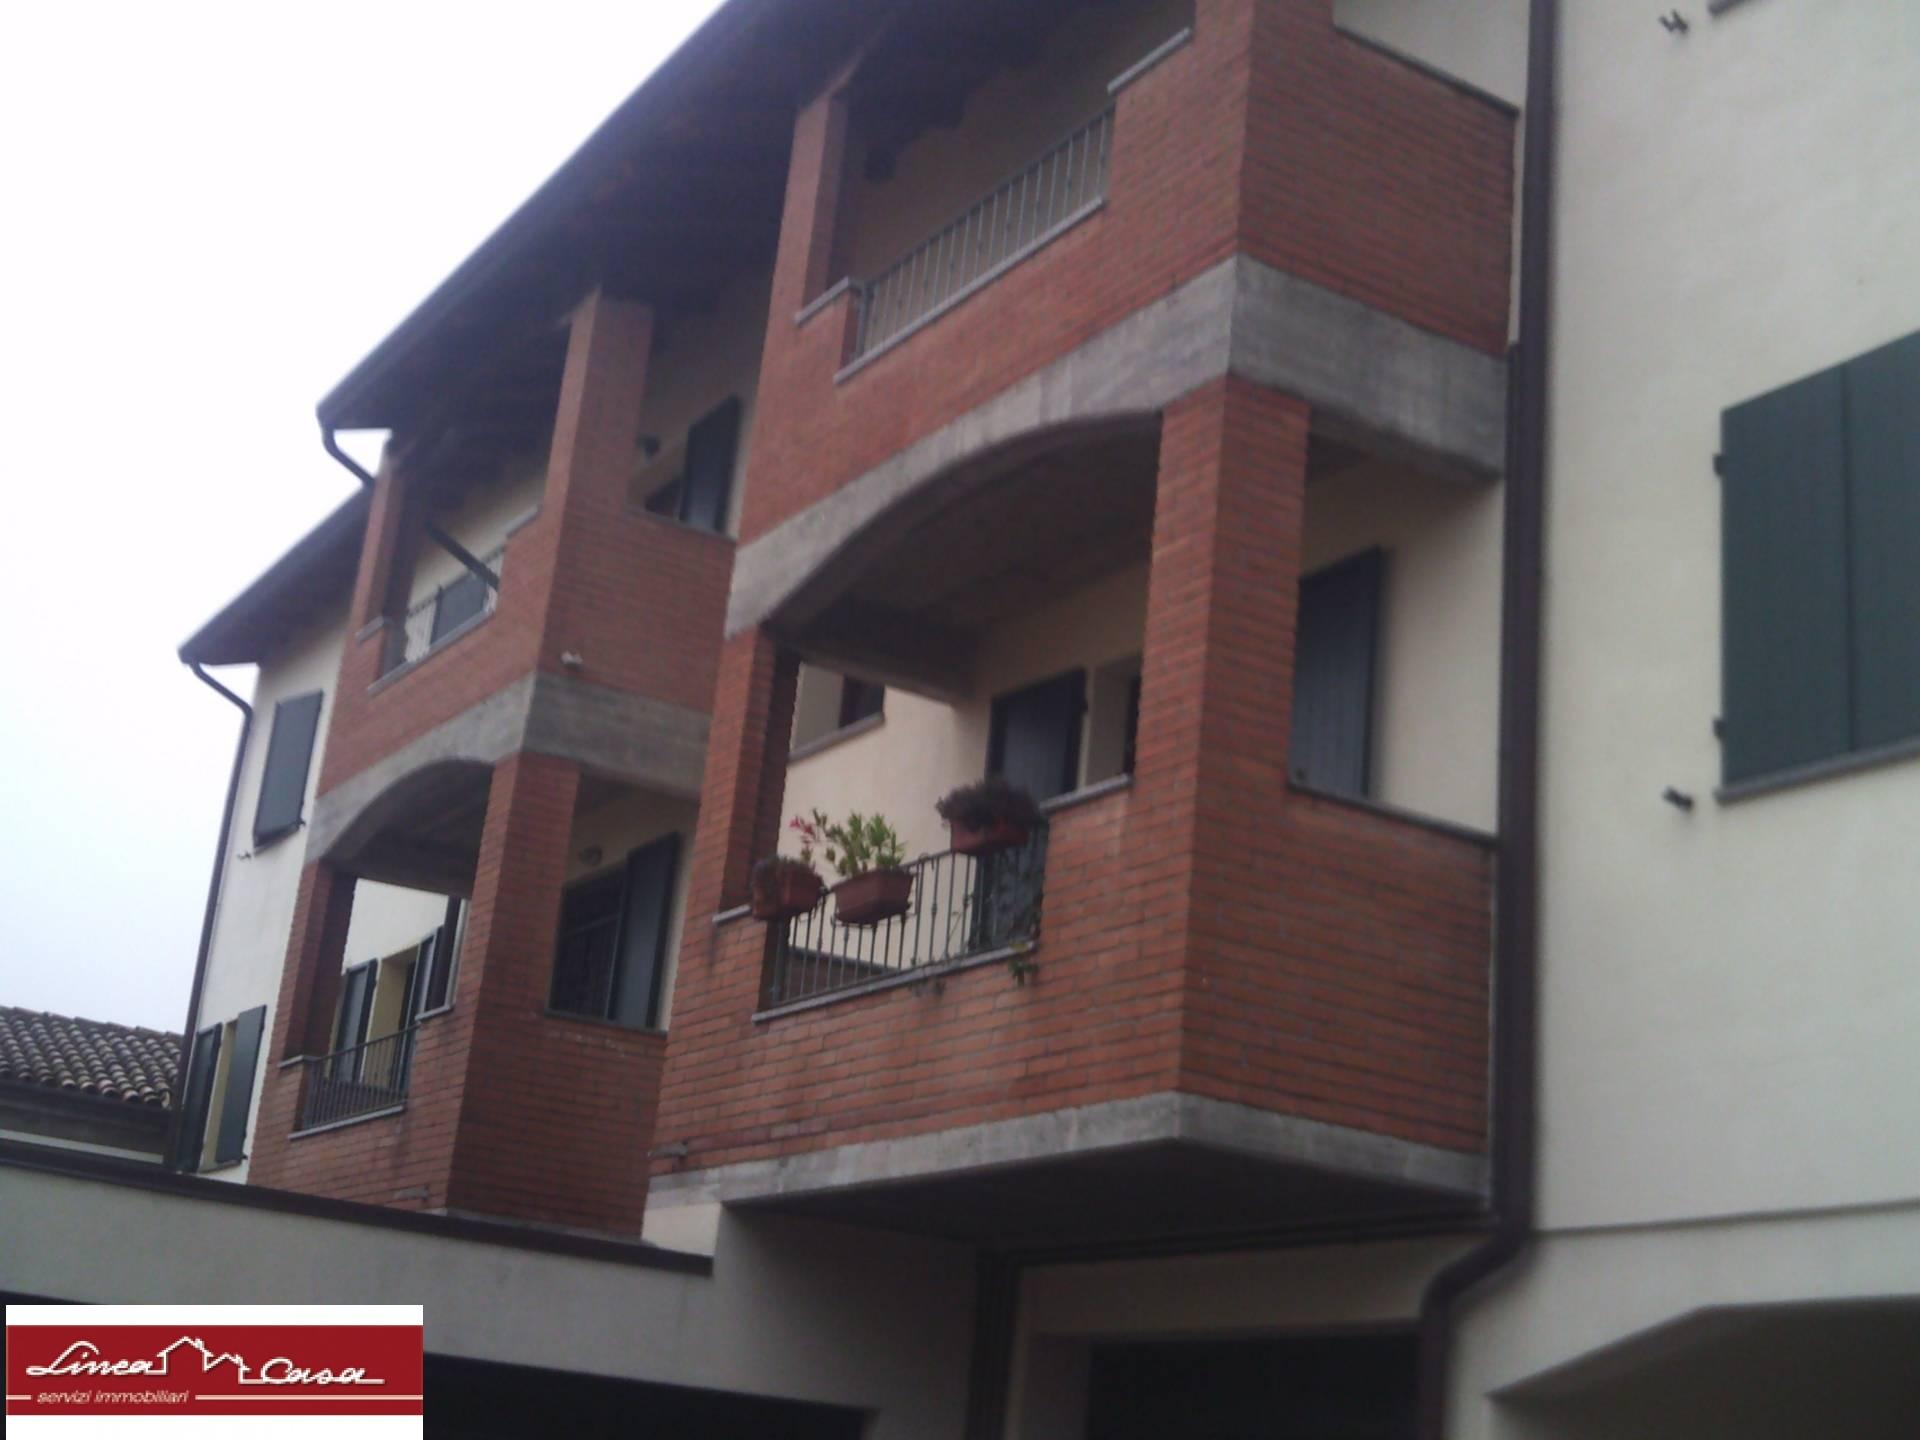 Appartamento in vendita a Portomaggiore, 4 locali, zona Località: Portomaggiore, prezzo € 95.000 | Cambio Casa.it